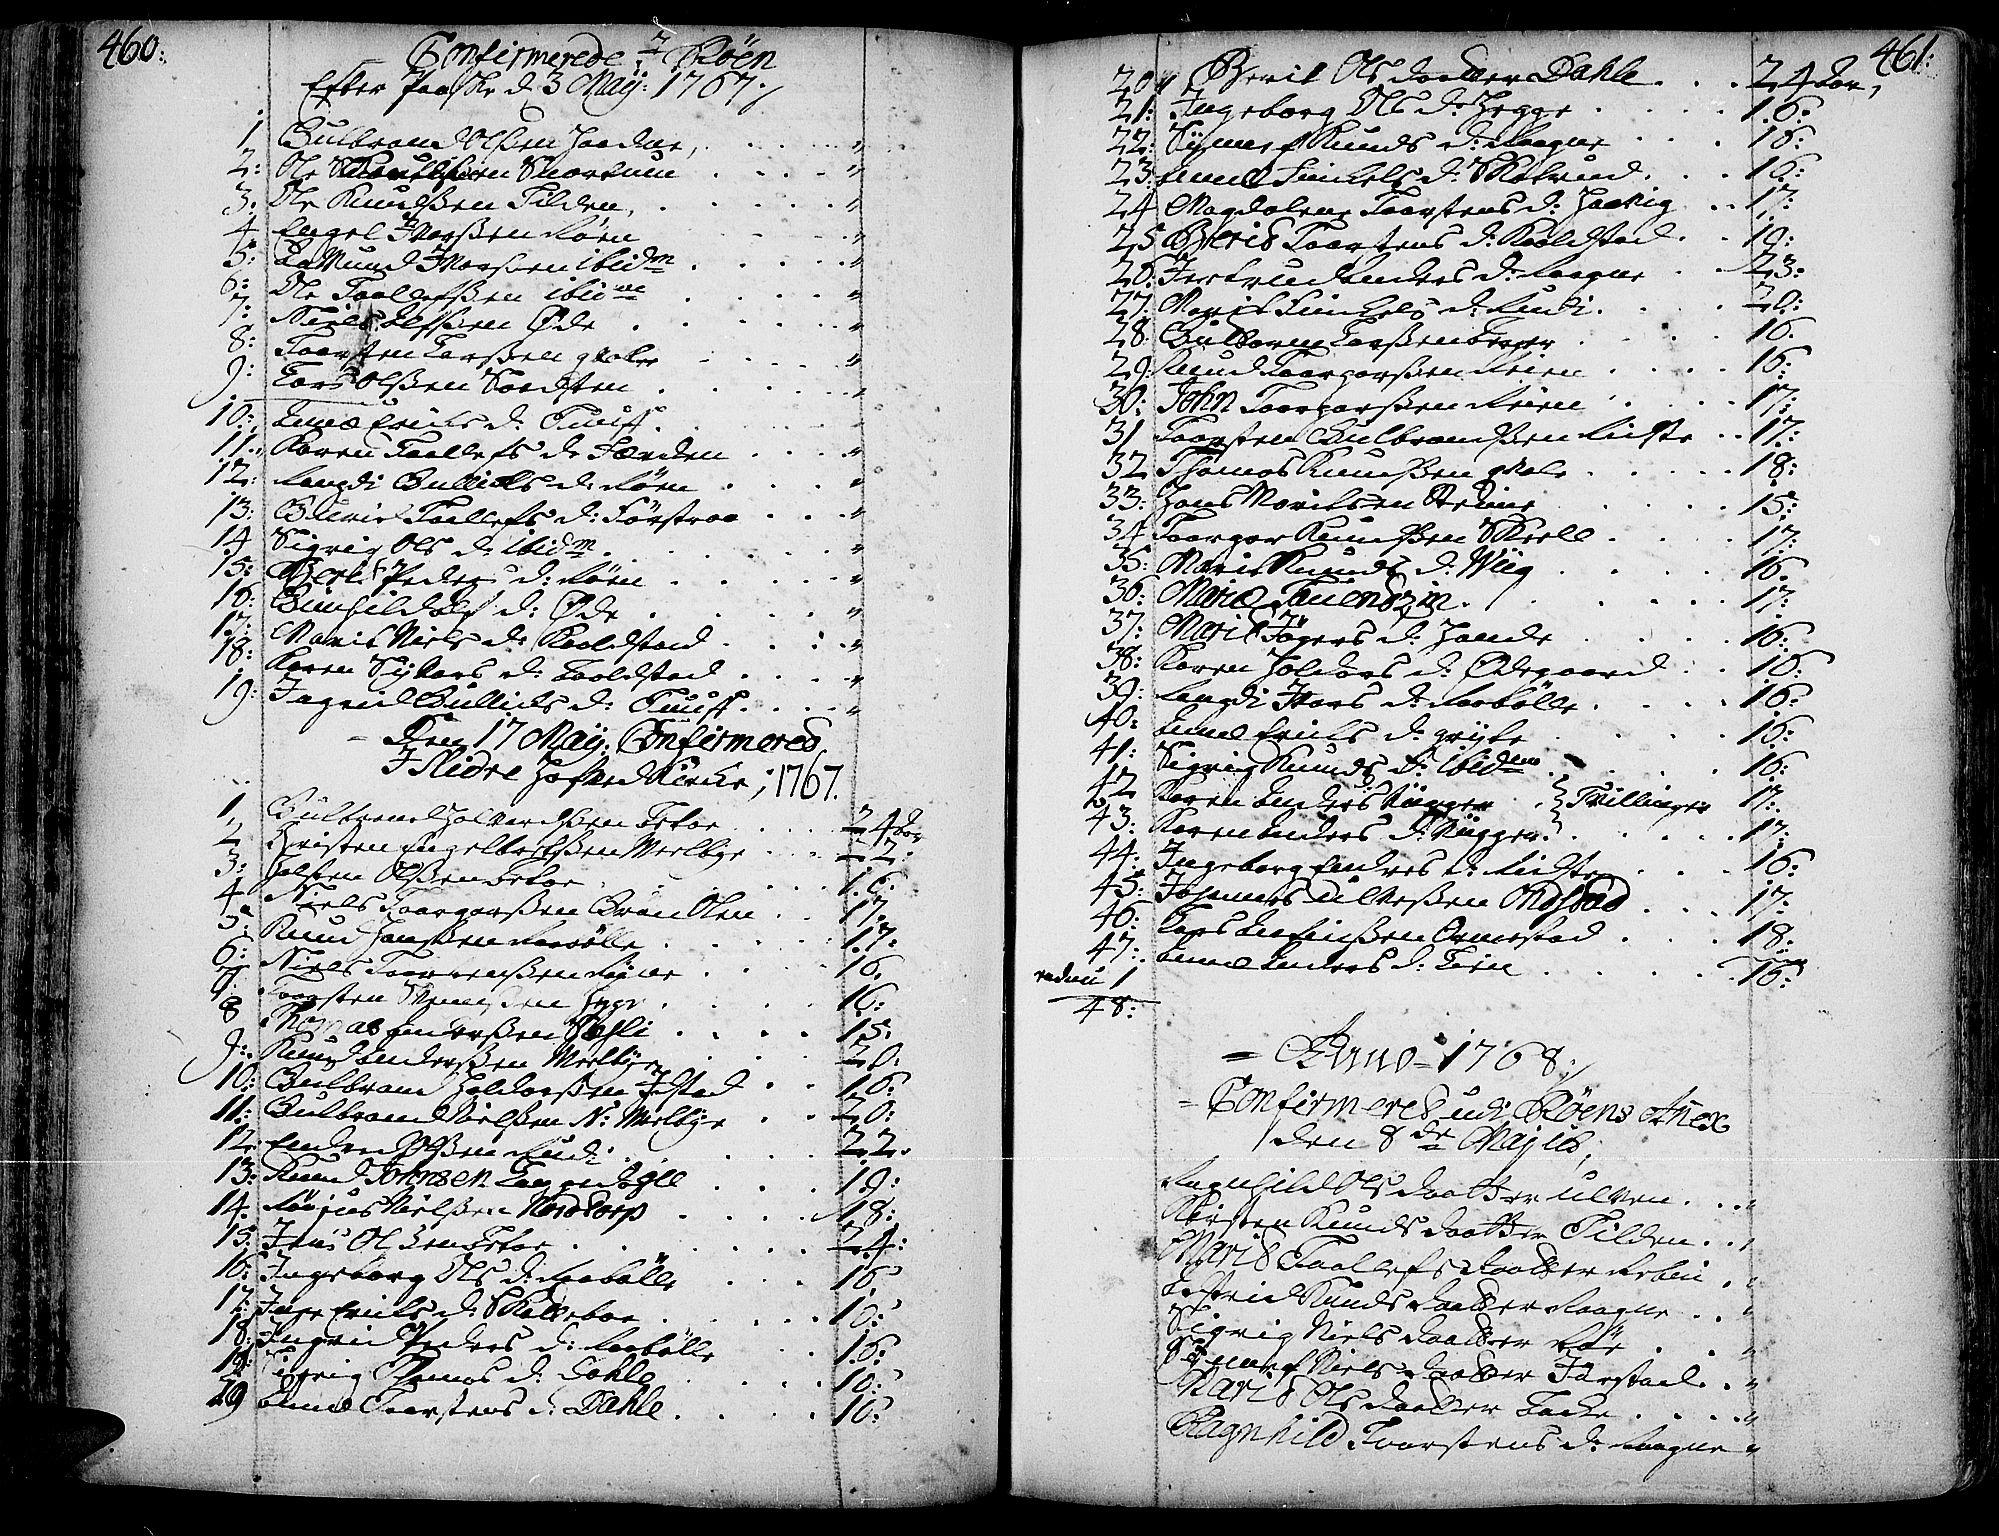 SAH, Slidre prestekontor, Ministerialbok nr. 1, 1724-1814, s. 460-461